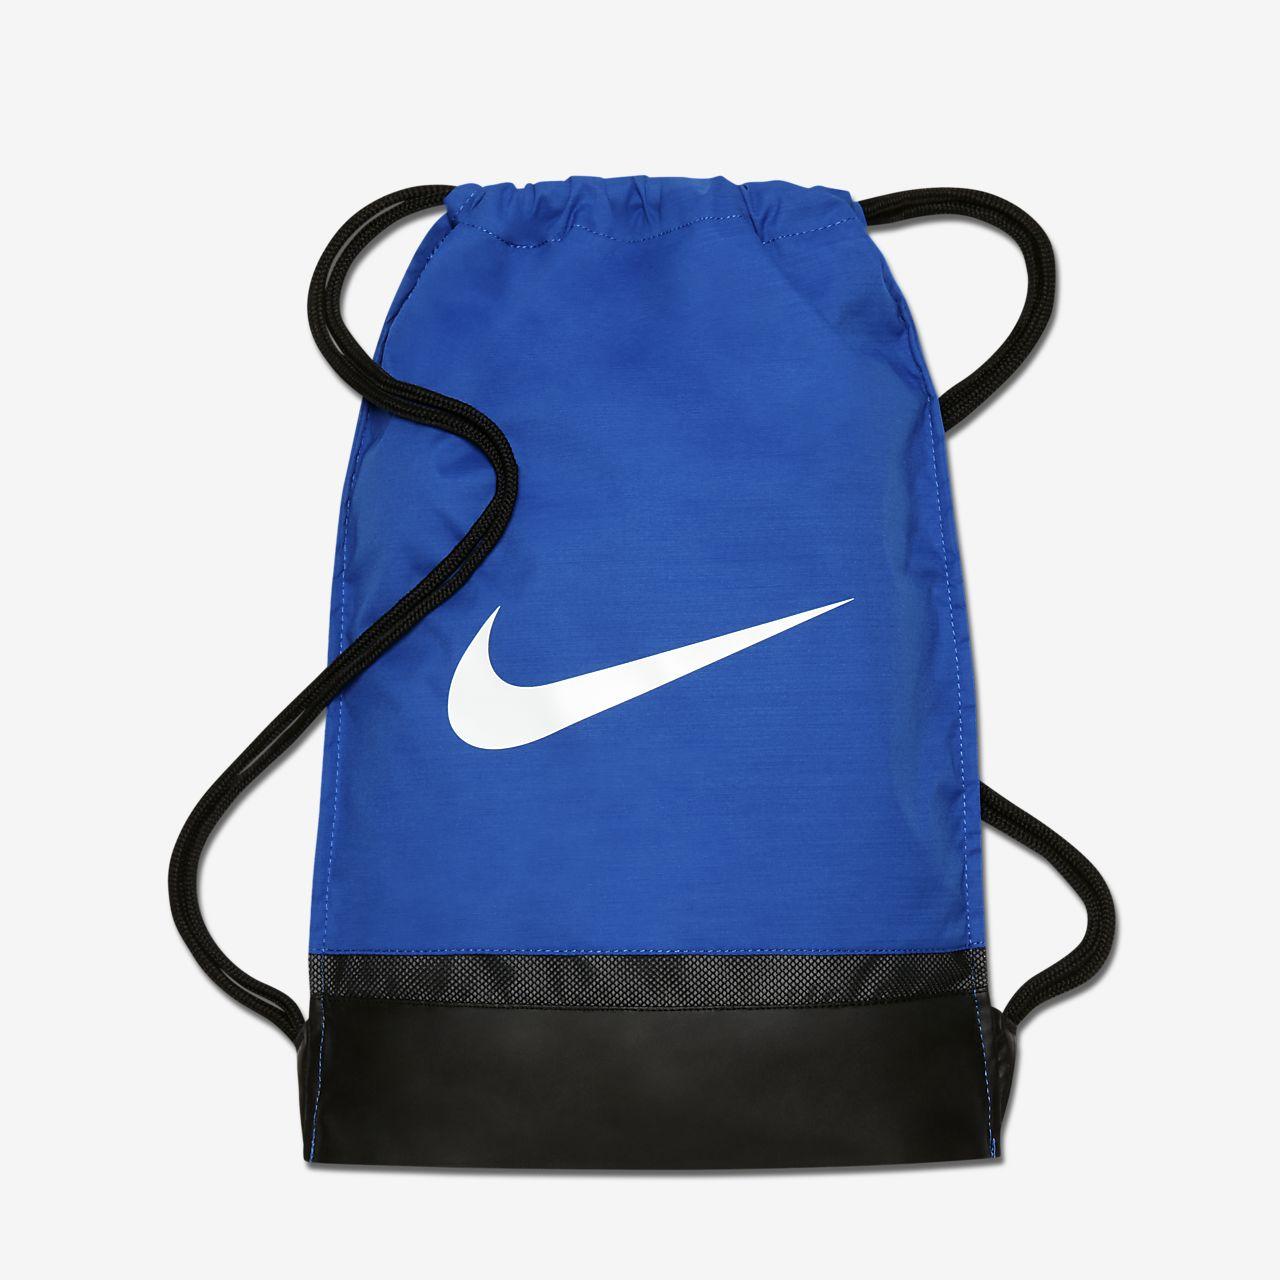 E Nike Sacca L'allenamento Brasilia Palestra Per La WEYHI2D9